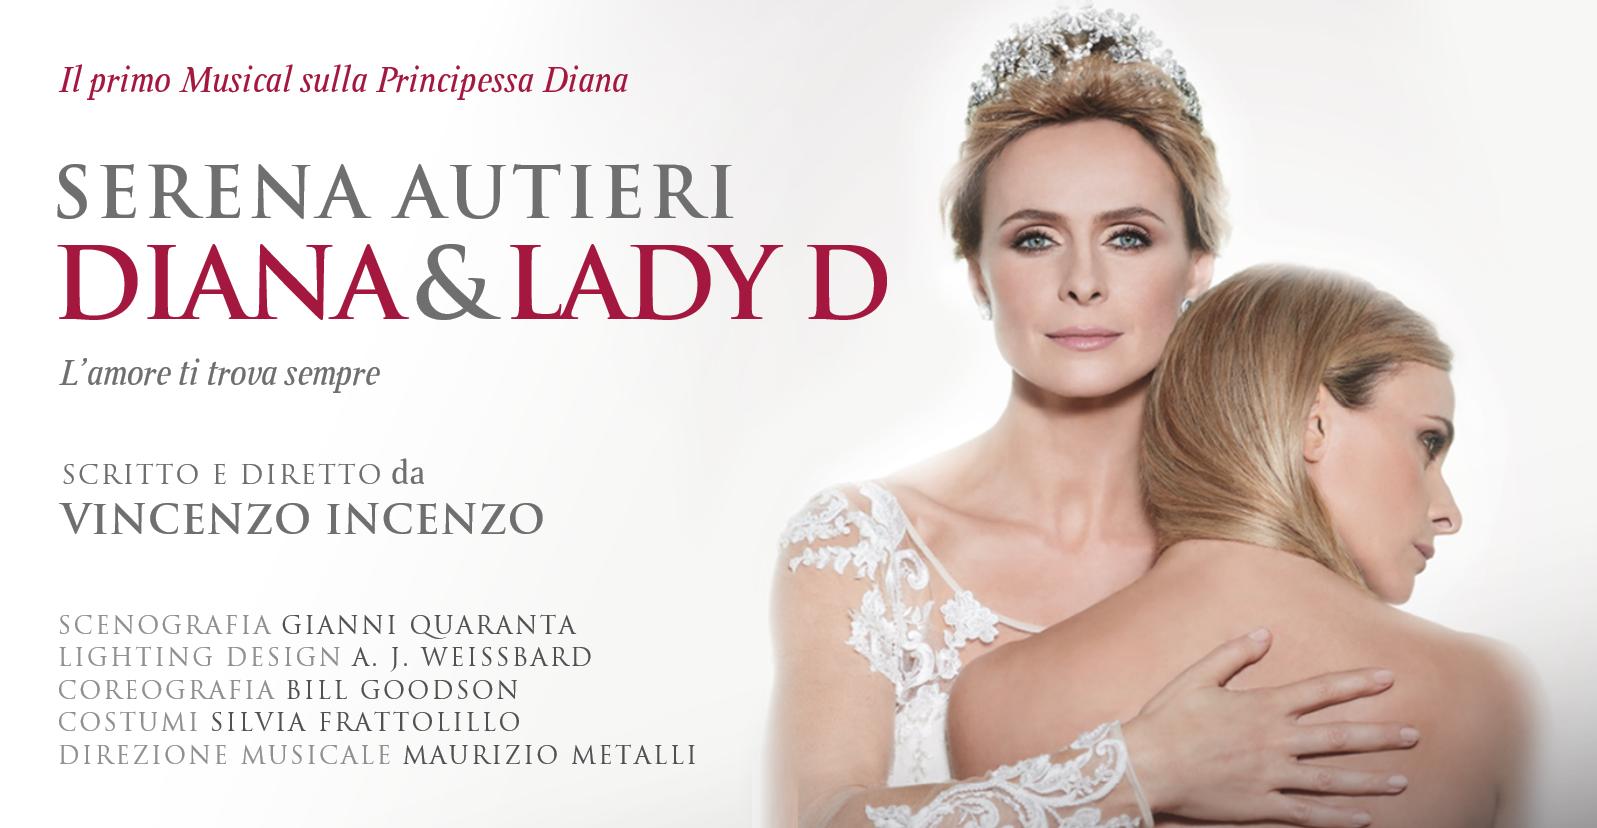 Al Teatro Sistina di Roma è in scena Diana & Lady D di Vincenzo Incenzo, musical che racconta in prima persona la principessa triste, con un'eccezionale Serena Autieri. Lo spettacolo […]